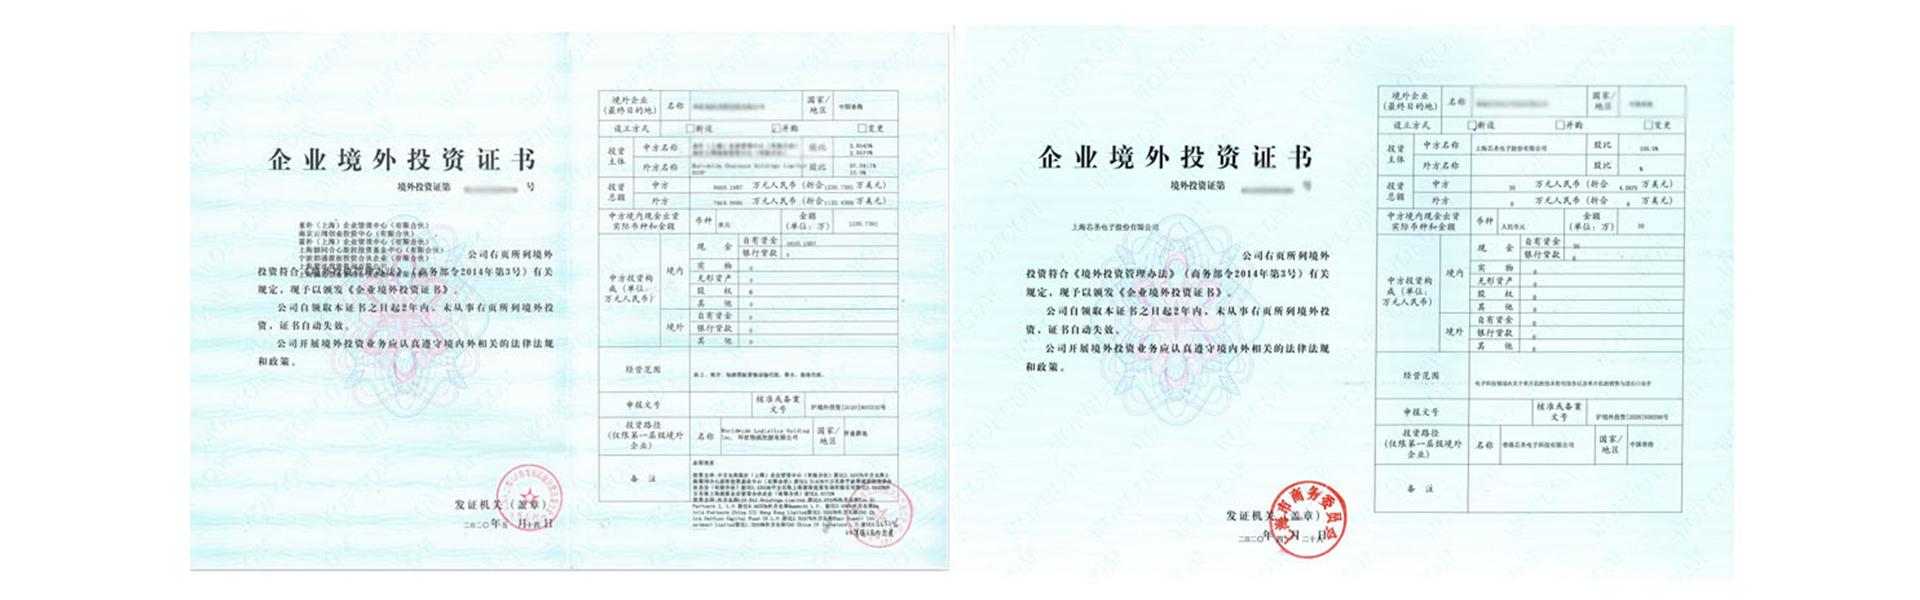 上海巍诺企业服务集团有限公司